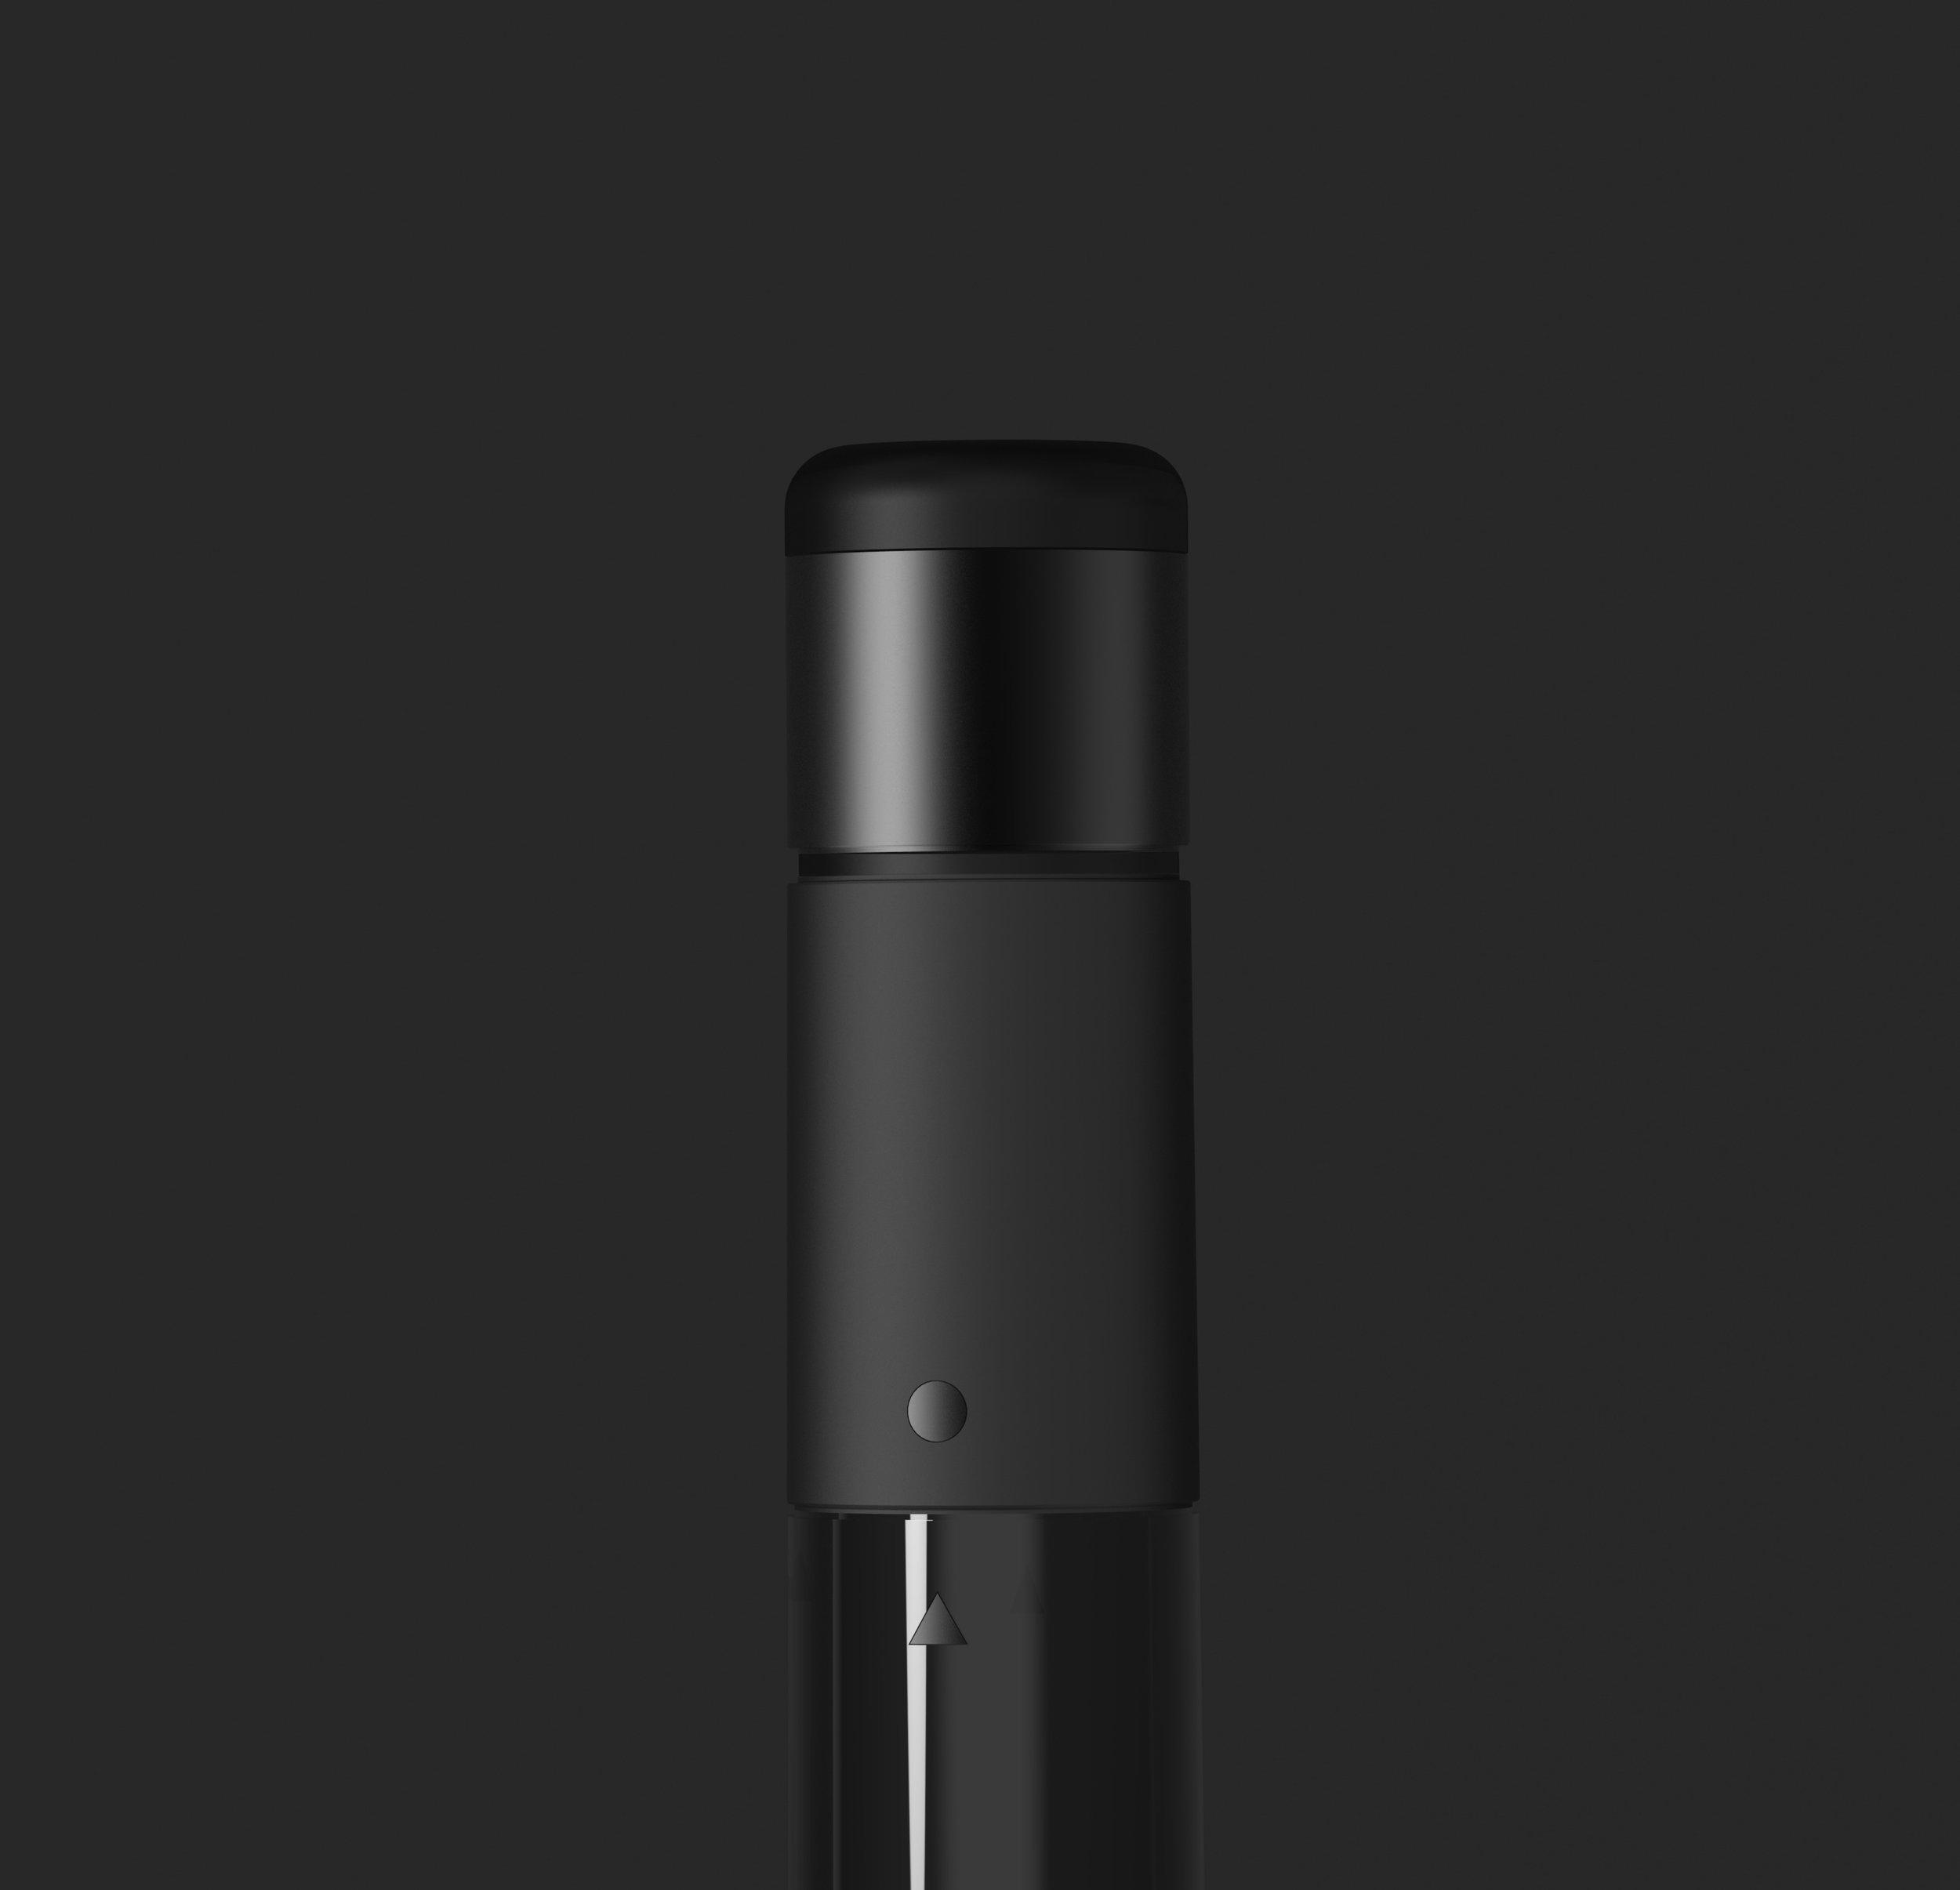 pen-closeup.jpg